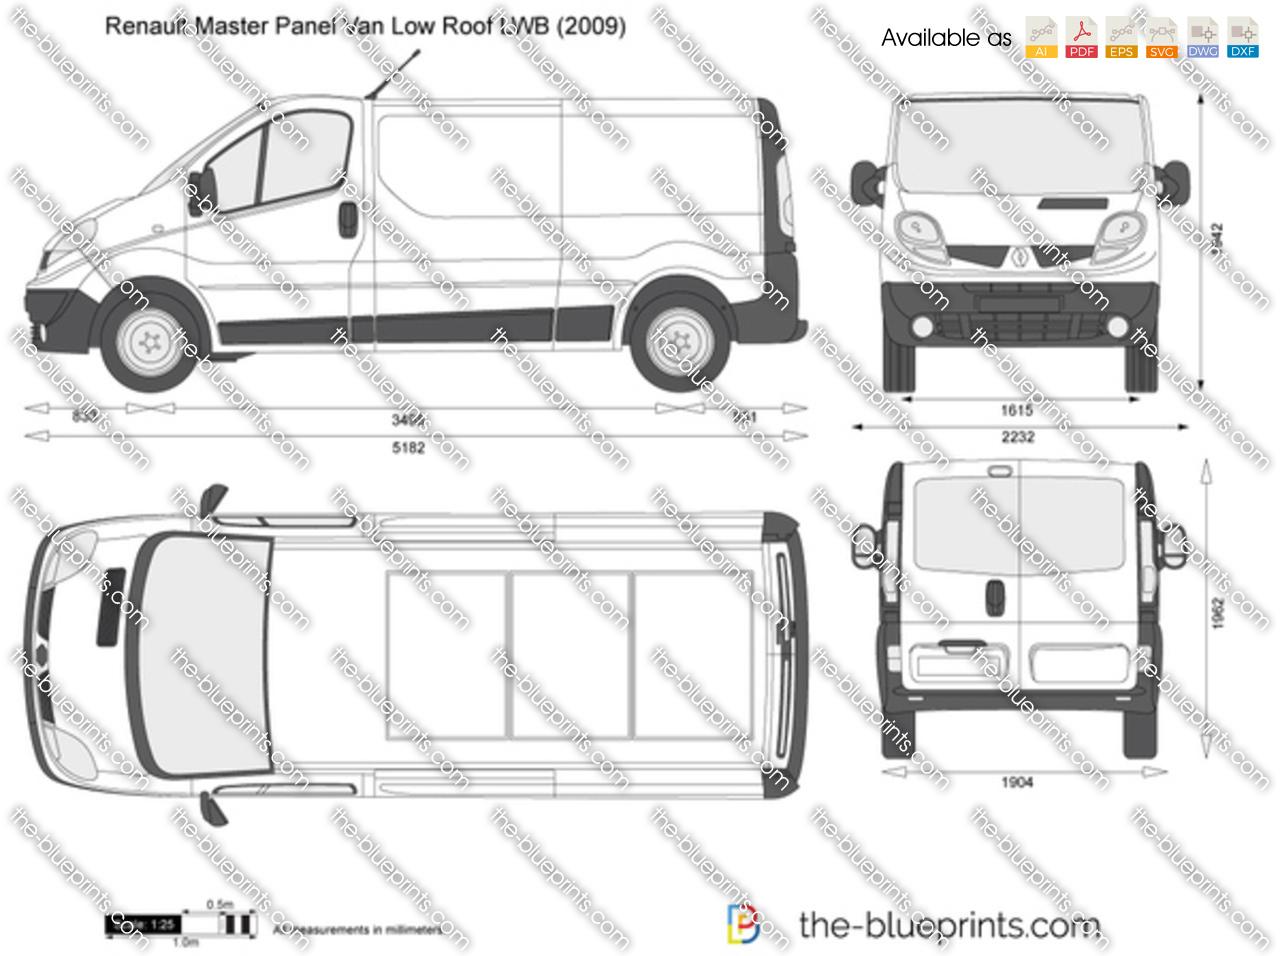 Renault Trafic Panel Van Low Roof LWB 2008